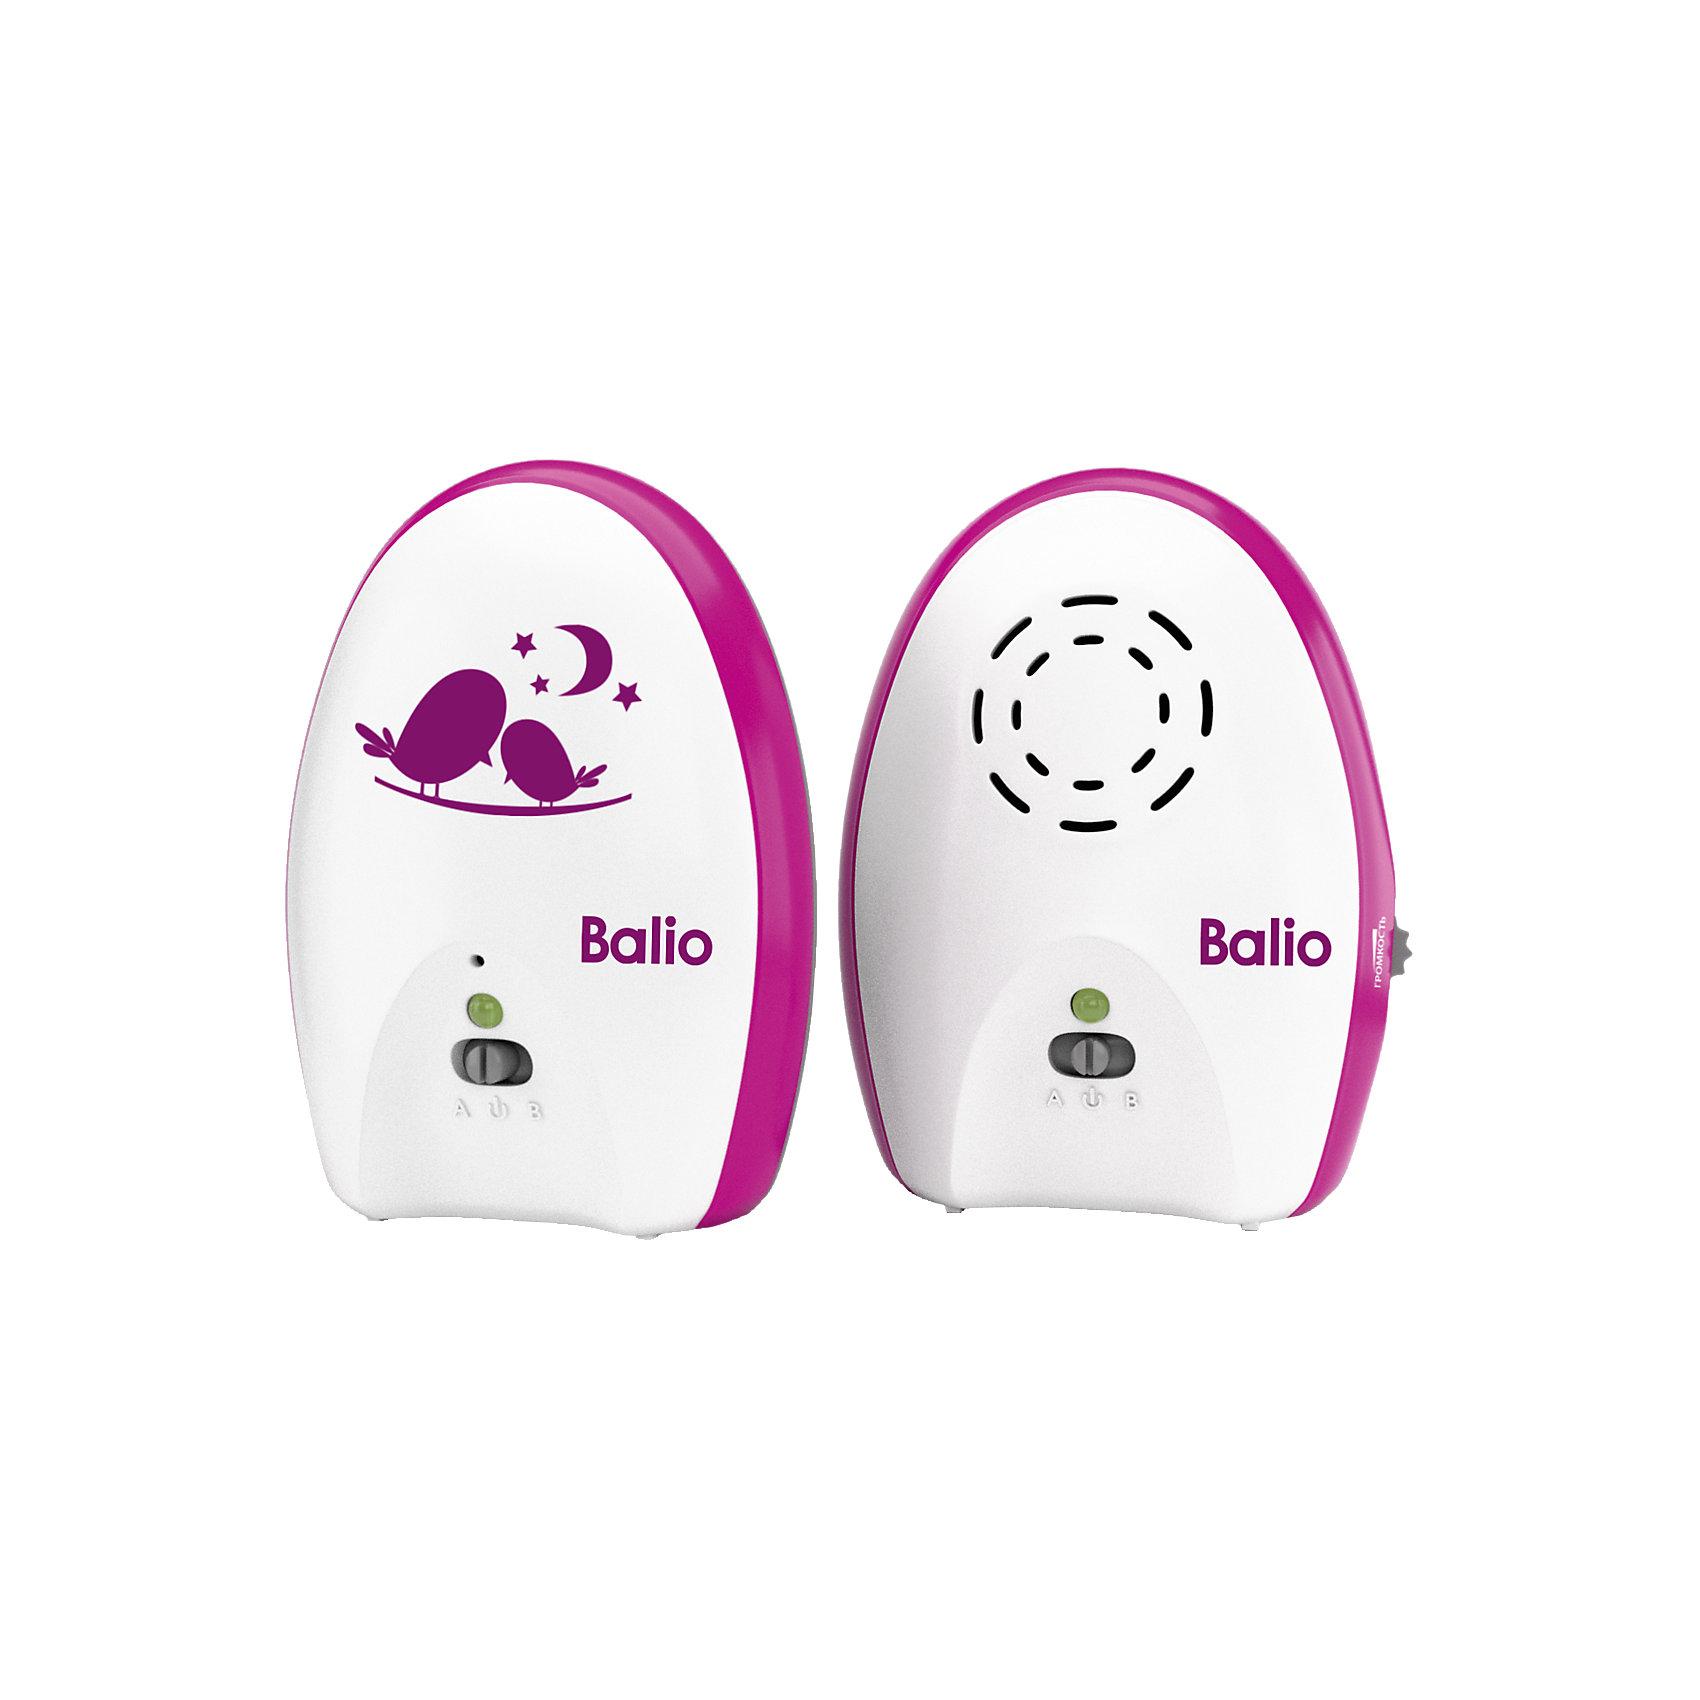 Радионяня МB-02 BalioДетская бытовая техника<br>Радионяня МB-02 Balio – это компактная беспроводная система аудио наблюдения за ребенком с дальностью до 200 метров.<br>Радионяня Balio имеет эффектный и стильный дизайн. Она порадует отличным качеством и продуманной функциональностью и станет верным помощником для молодых родителей. Теперь можно спокойно заниматься в другой комнате своими делами, пока малыш спит или играет в детской. Если возникнет необходимость присутствия родителей, радионяня вовремя предупредит. Радионяня МB-02 Balio состоит из двух основных элементов: передатчика (детского блока) и приемника (родительского блока). Детский блок работает в стационарном режиме с питанием от сетевого адаптера. Родительский блок может работать как от сетевого адаптера питания, так и от батареек или аккумуляторов (в комплект не входят), обеспечивающих возможность эксплуатации блока в переносном режиме.<br><br>Дополнительная информация:<br><br>- Комплектация: детский блок, родительский блок, сетевой адаптер 2 шт, инструкция<br>- Дальность до 200 метров<br>- Режим ожидания для снижения энергопотребления<br>- Голосовая активация<br>- Регулировка уровня звука<br>- Световая индикация низкого заряда батареи<br>- Фиксатор для крепления родительского блока на поясе или одежде<br>- Цвет: белый, розовый<br>- Размер упаковки: 16 х 20 х 7 см.<br>- Вес: 480 гр.<br>- Гарантия: 12 месяцев<br><br>Радионяню МB-02 Balio можно купить в нашем интернет-магазине.<br><br>Ширина мм: 70<br>Глубина мм: 190<br>Высота мм: 160<br>Вес г: 40<br>Возраст от месяцев: 0<br>Возраст до месяцев: 36<br>Пол: Унисекс<br>Возраст: Детский<br>SKU: 4361096